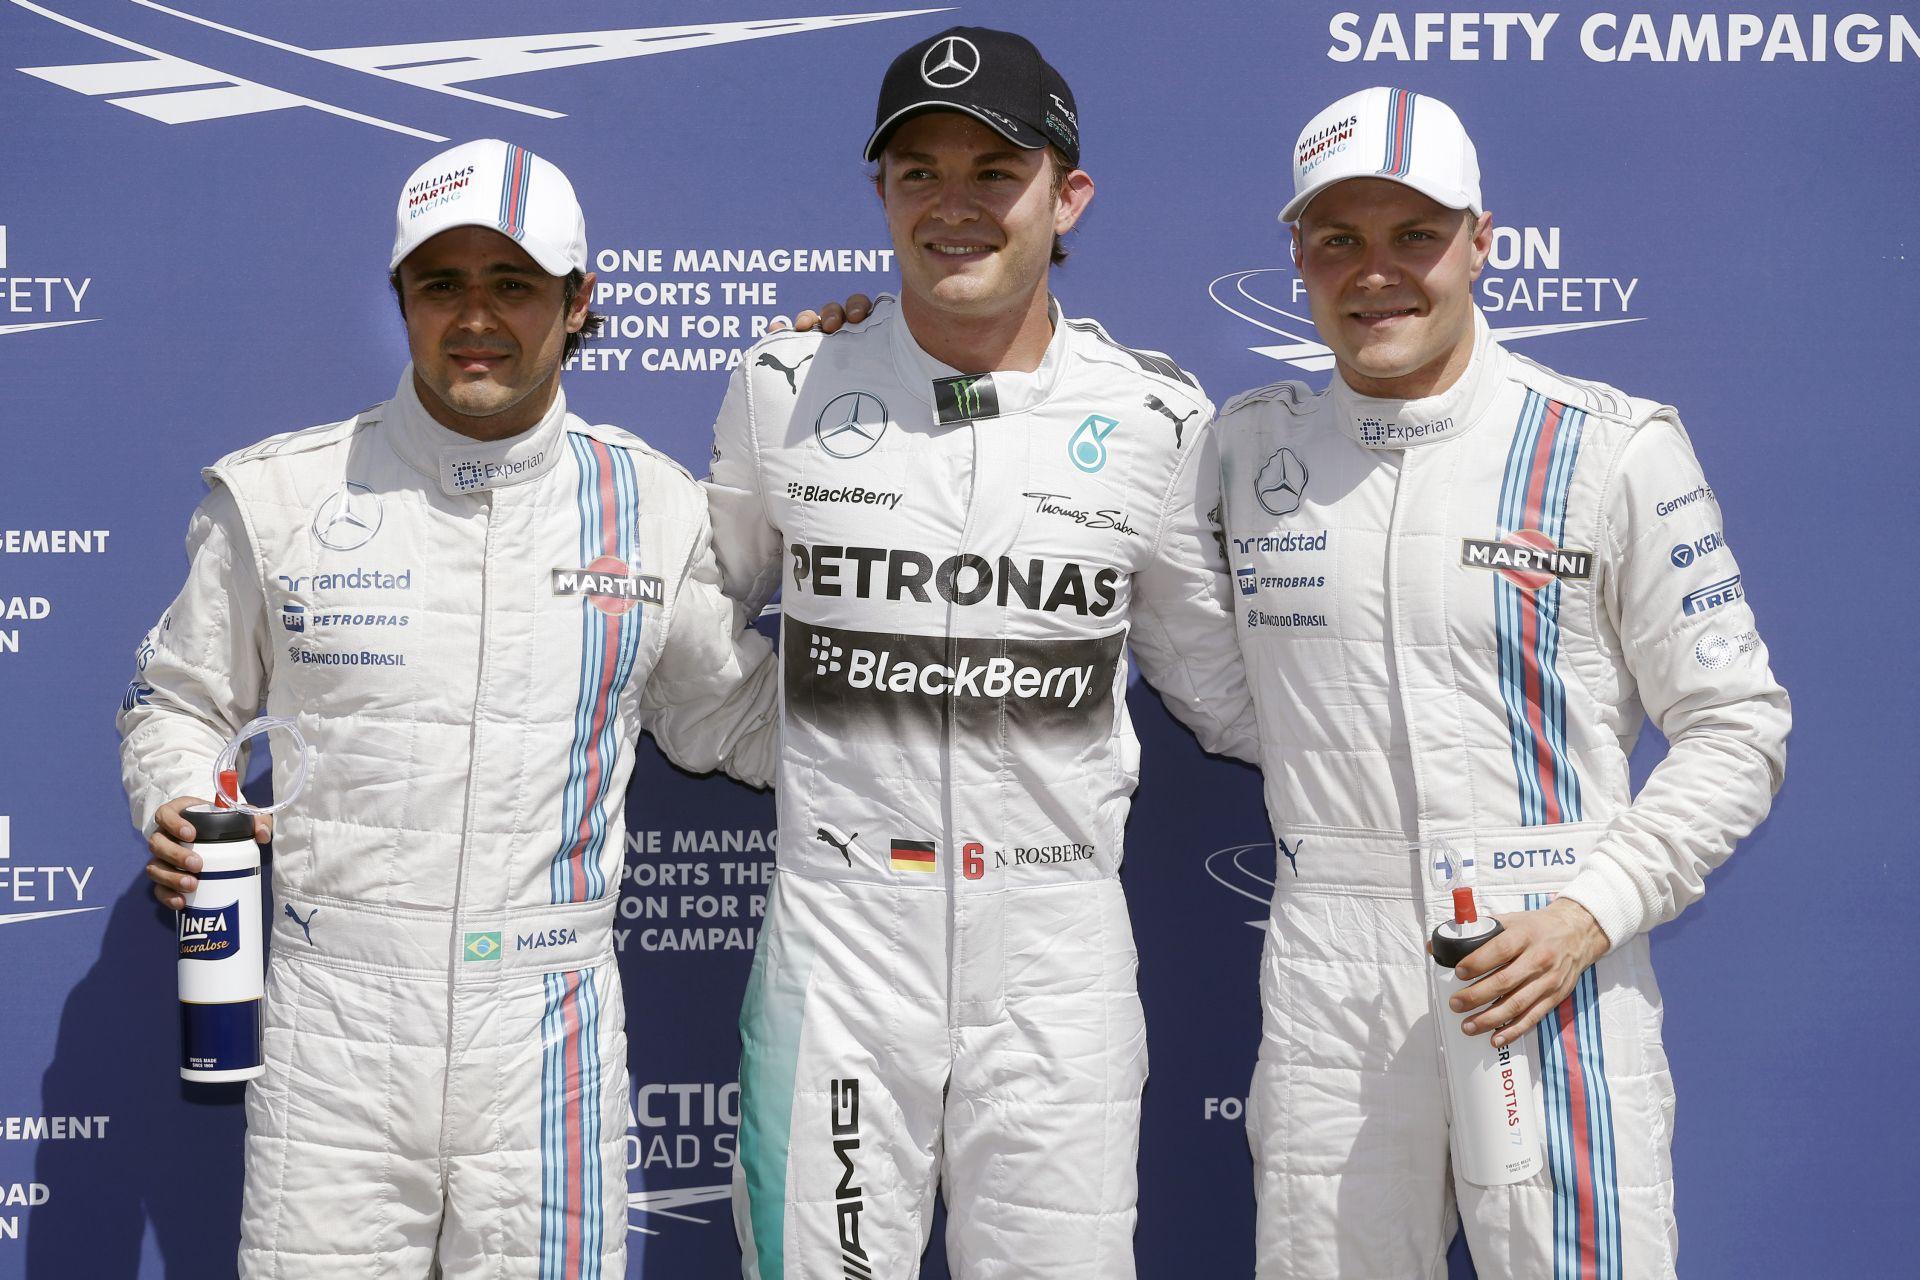 Német Nagydíj: Rosberg simán nyer és Hamilton ismét bajba kerül? Egy újabb megalázóan gyenge futam a Ferraritól?